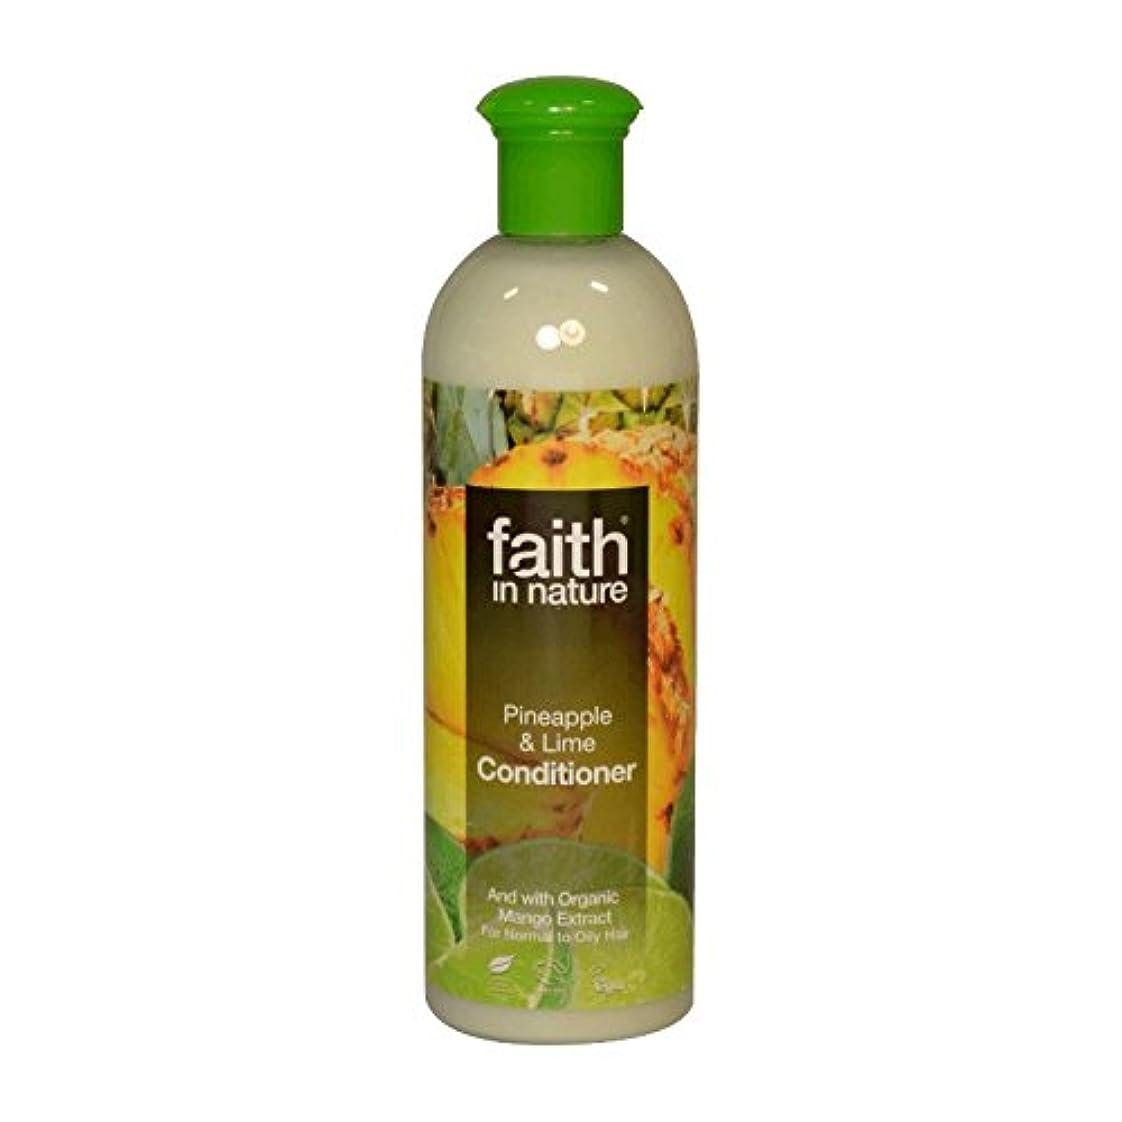 噂練習好み自然パイナップル&ライムコンディショナー400ミリリットルの信仰 - Faith in Nature Pineapple & Lime Conditioner 400ml (Faith in Nature) [並行輸入品]